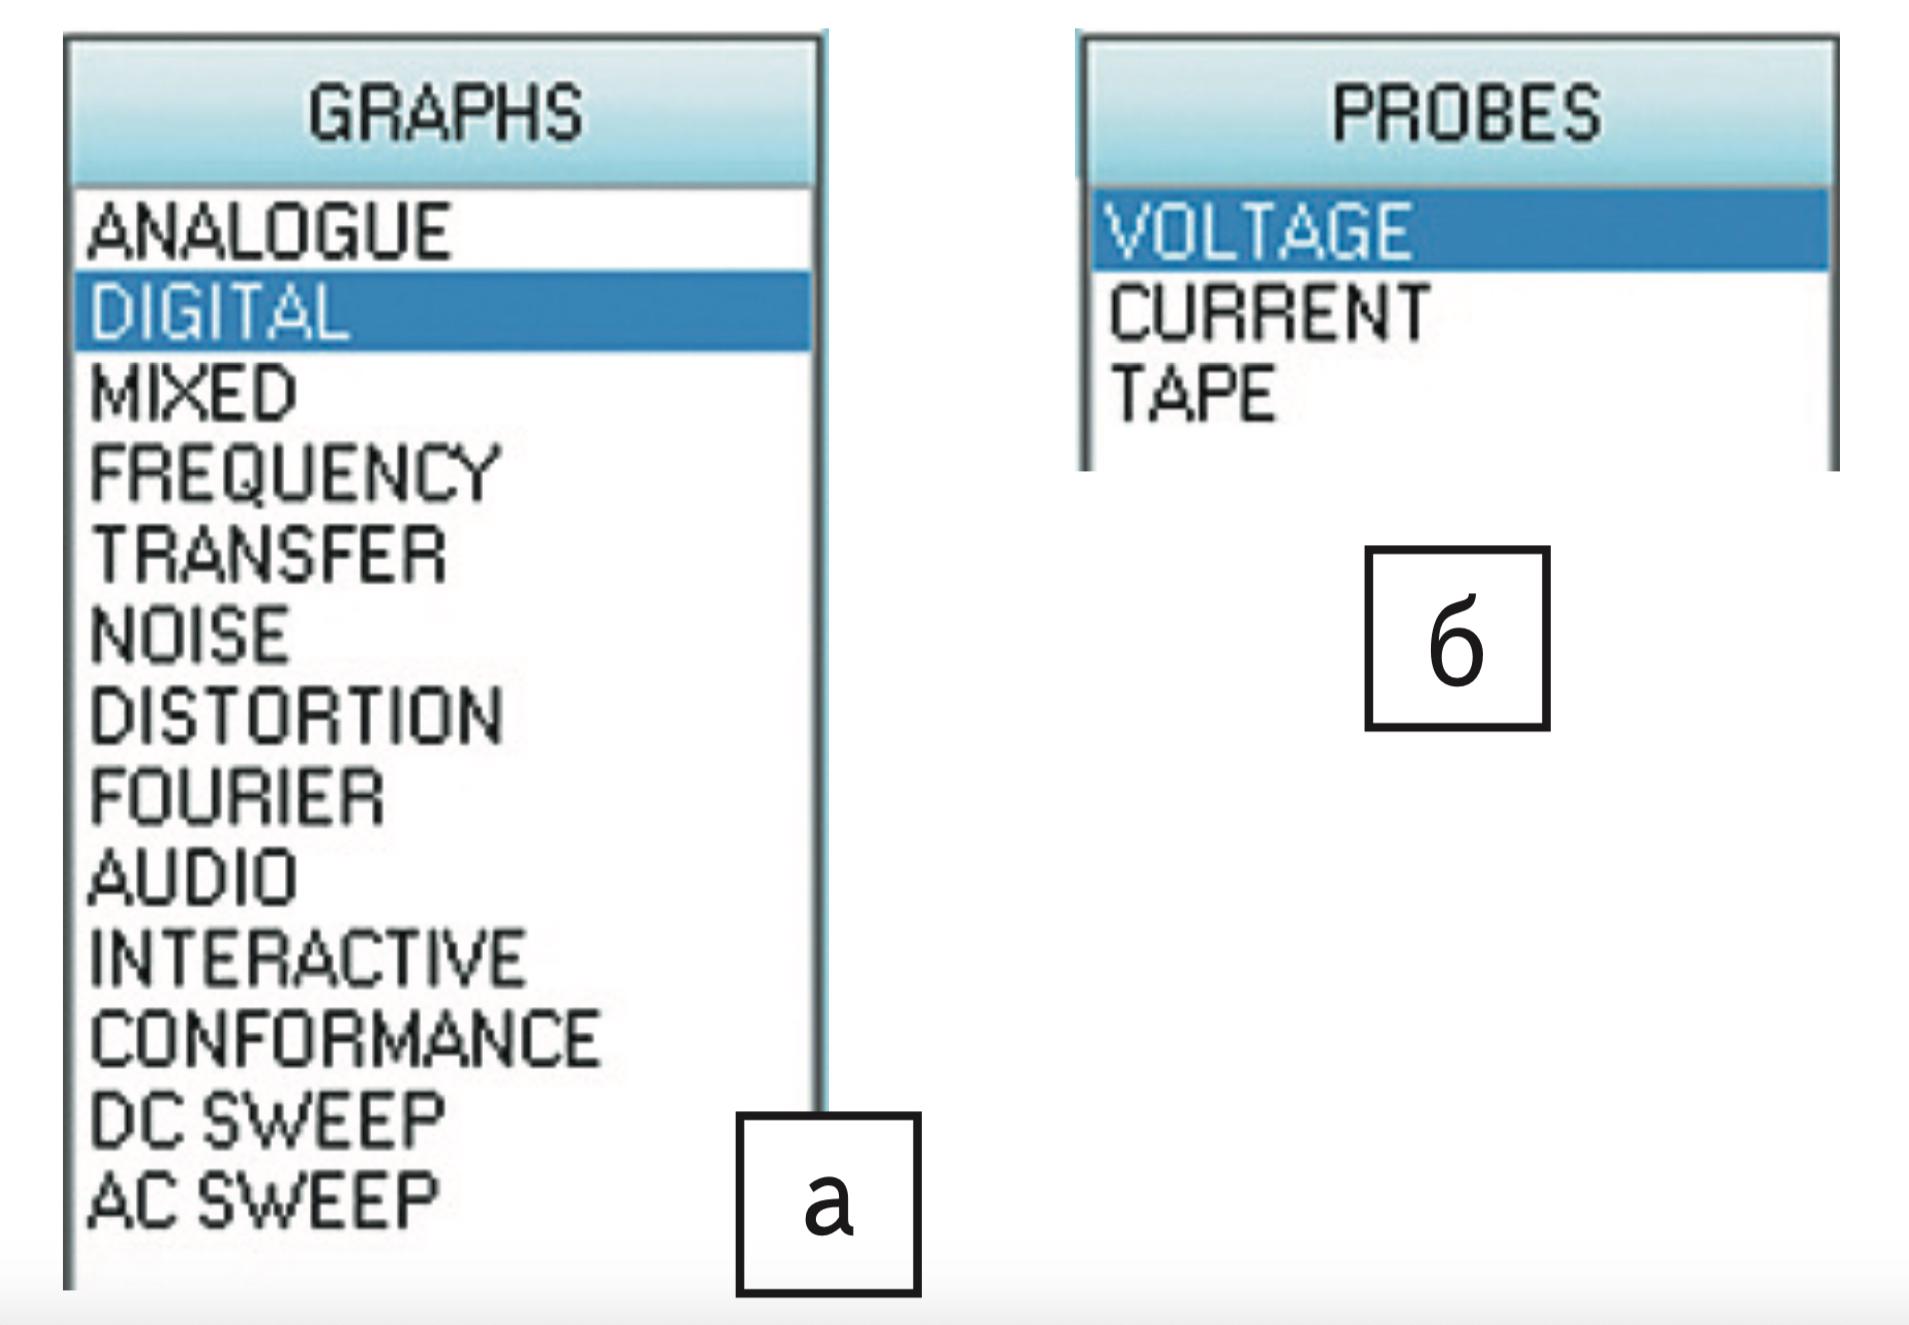 Панель: а) GRAPHS; б) PROBES